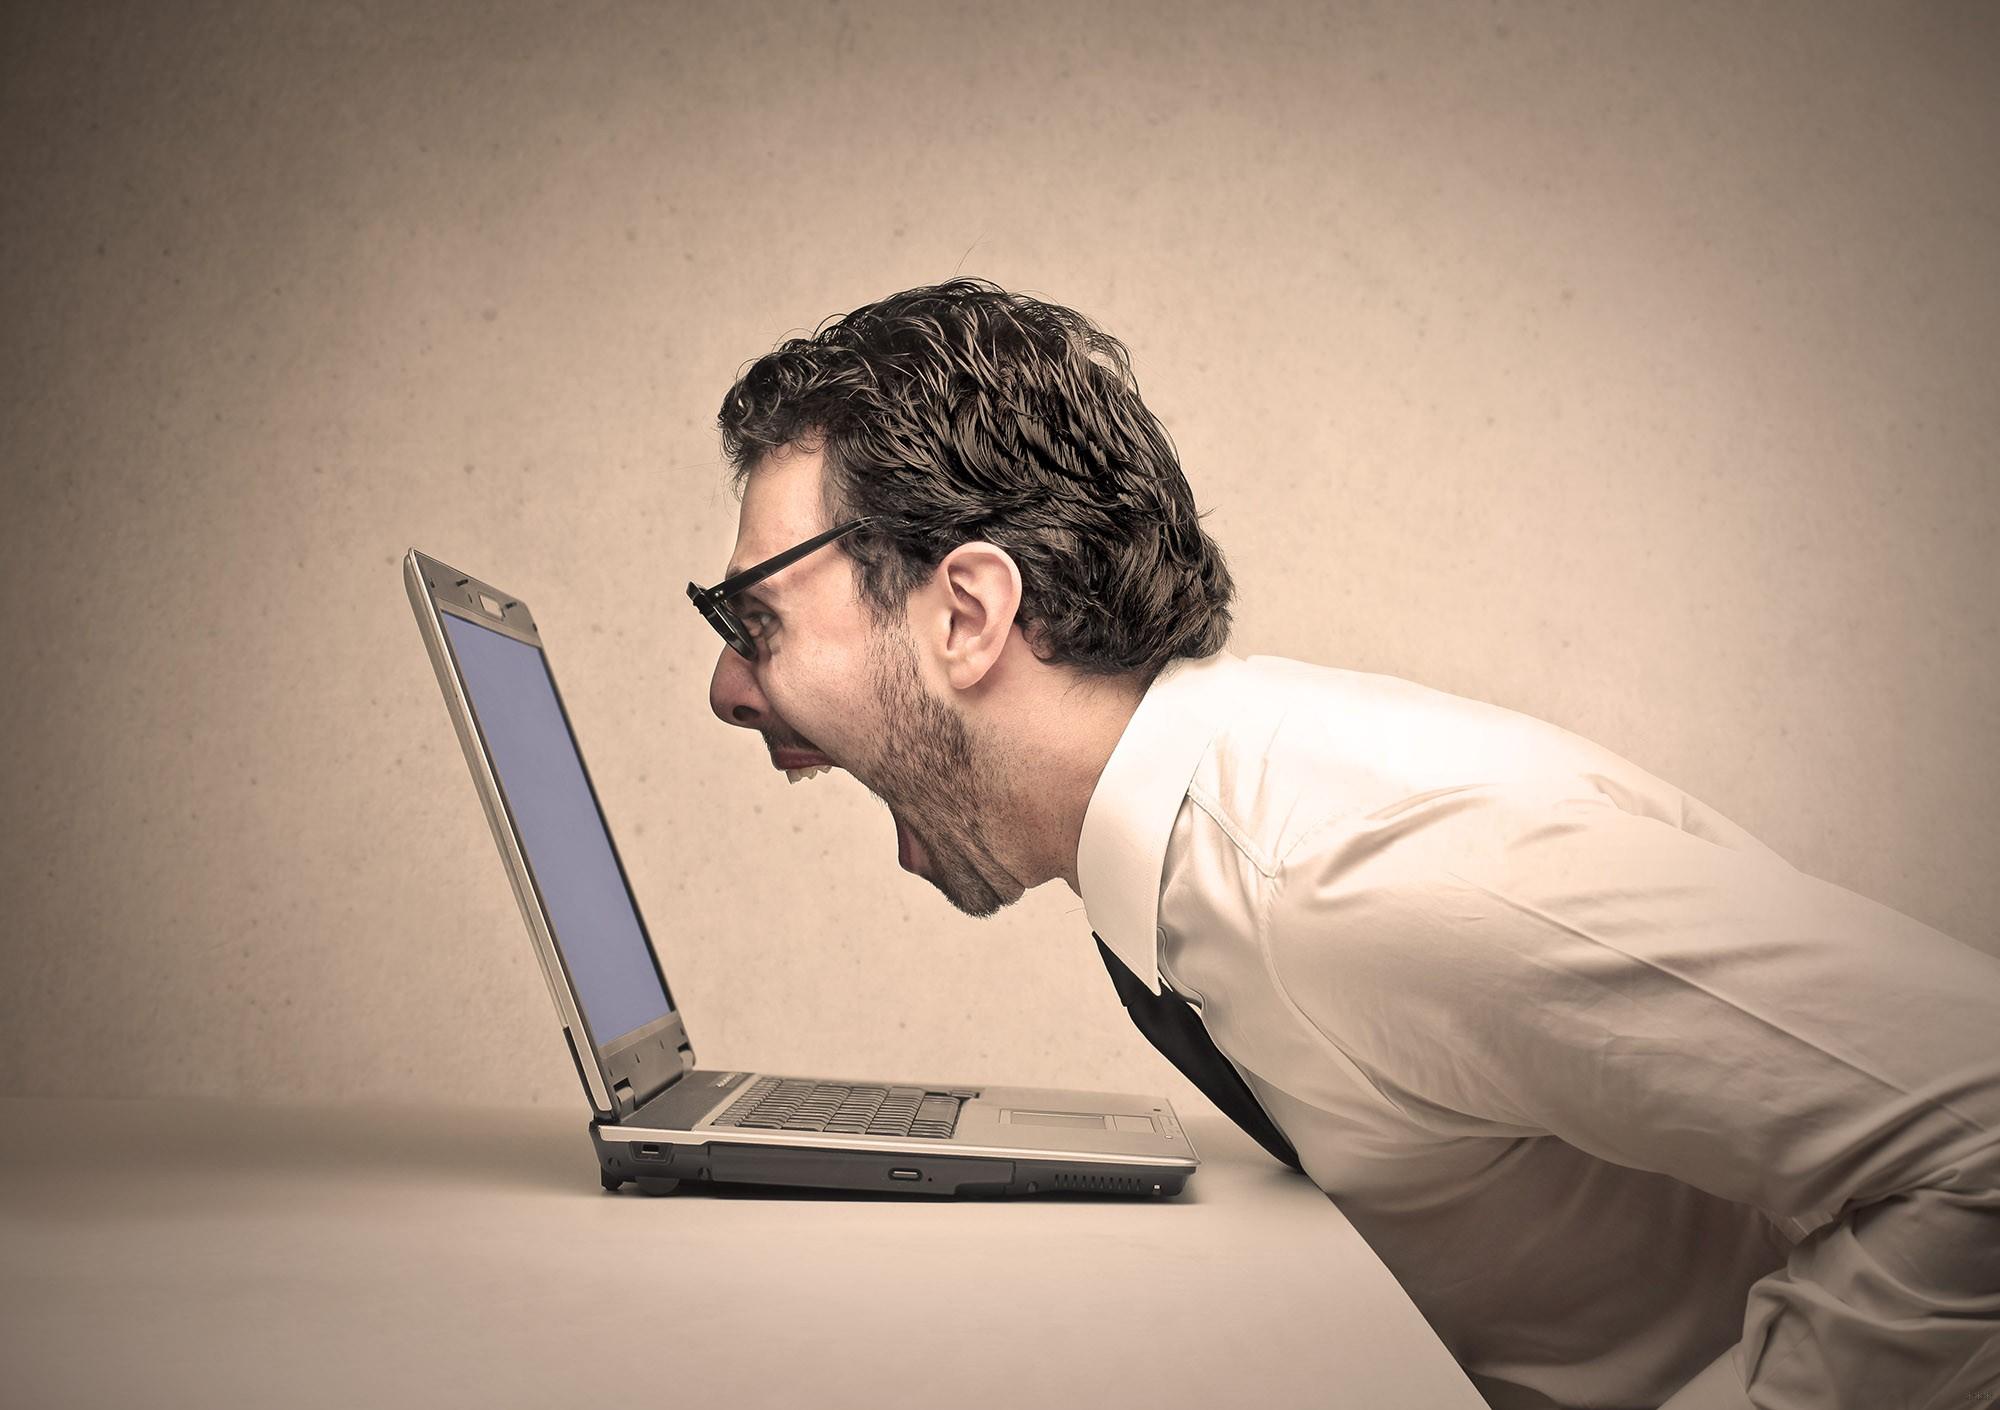 Интернет работает с перебоями и постоянно обрывается: что делать?